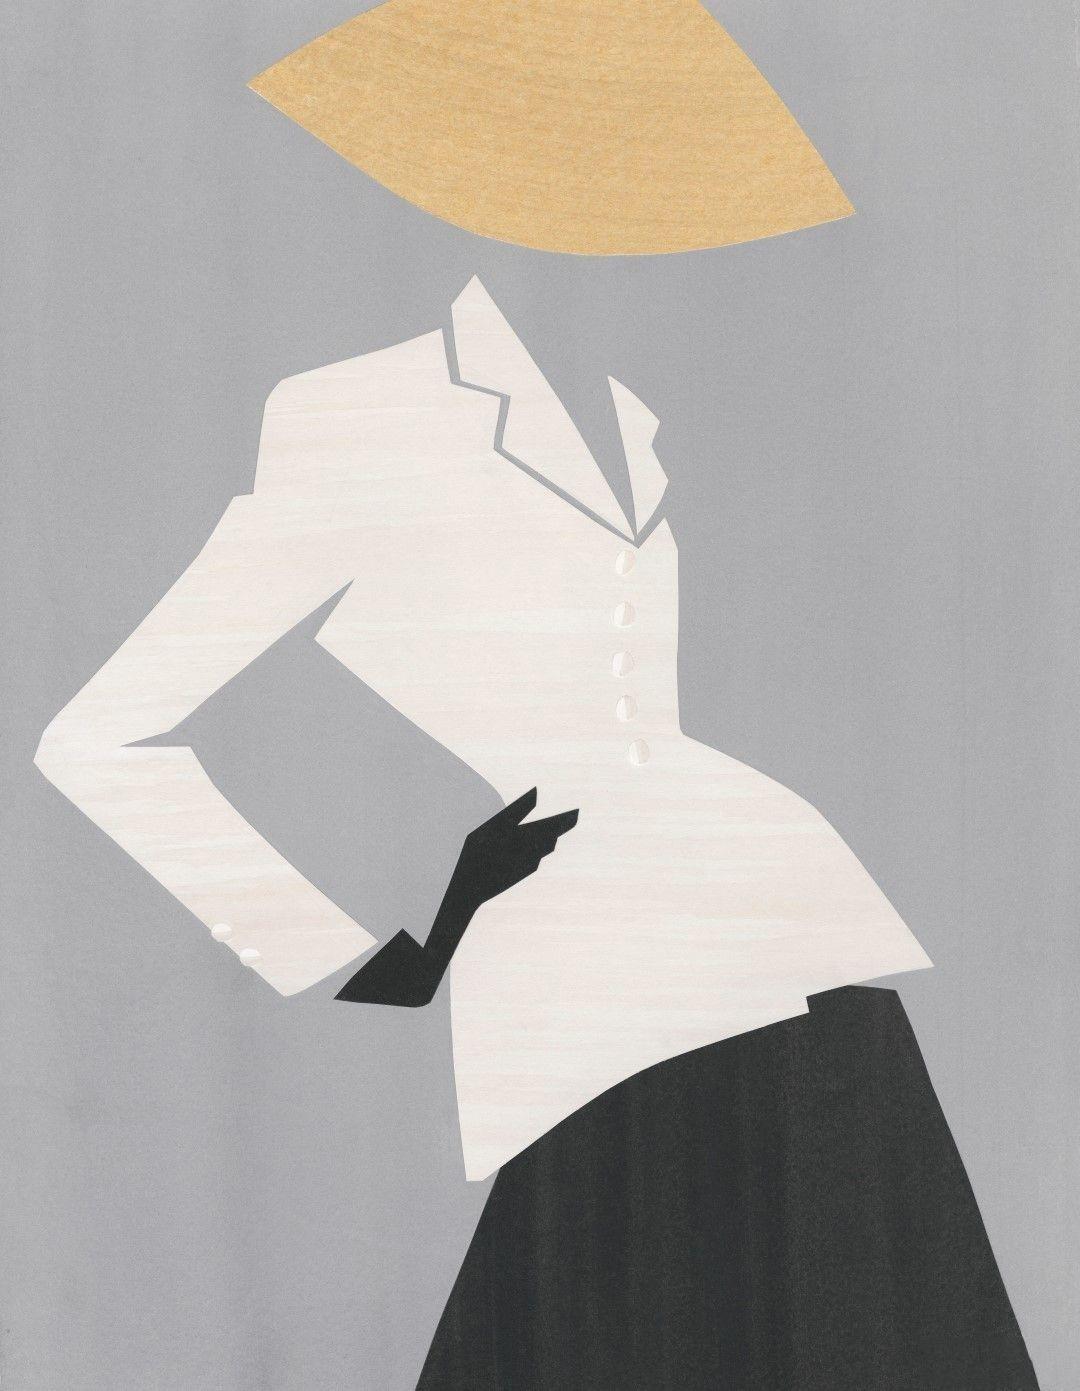 Dior by Mats Gustafson 插画作品3